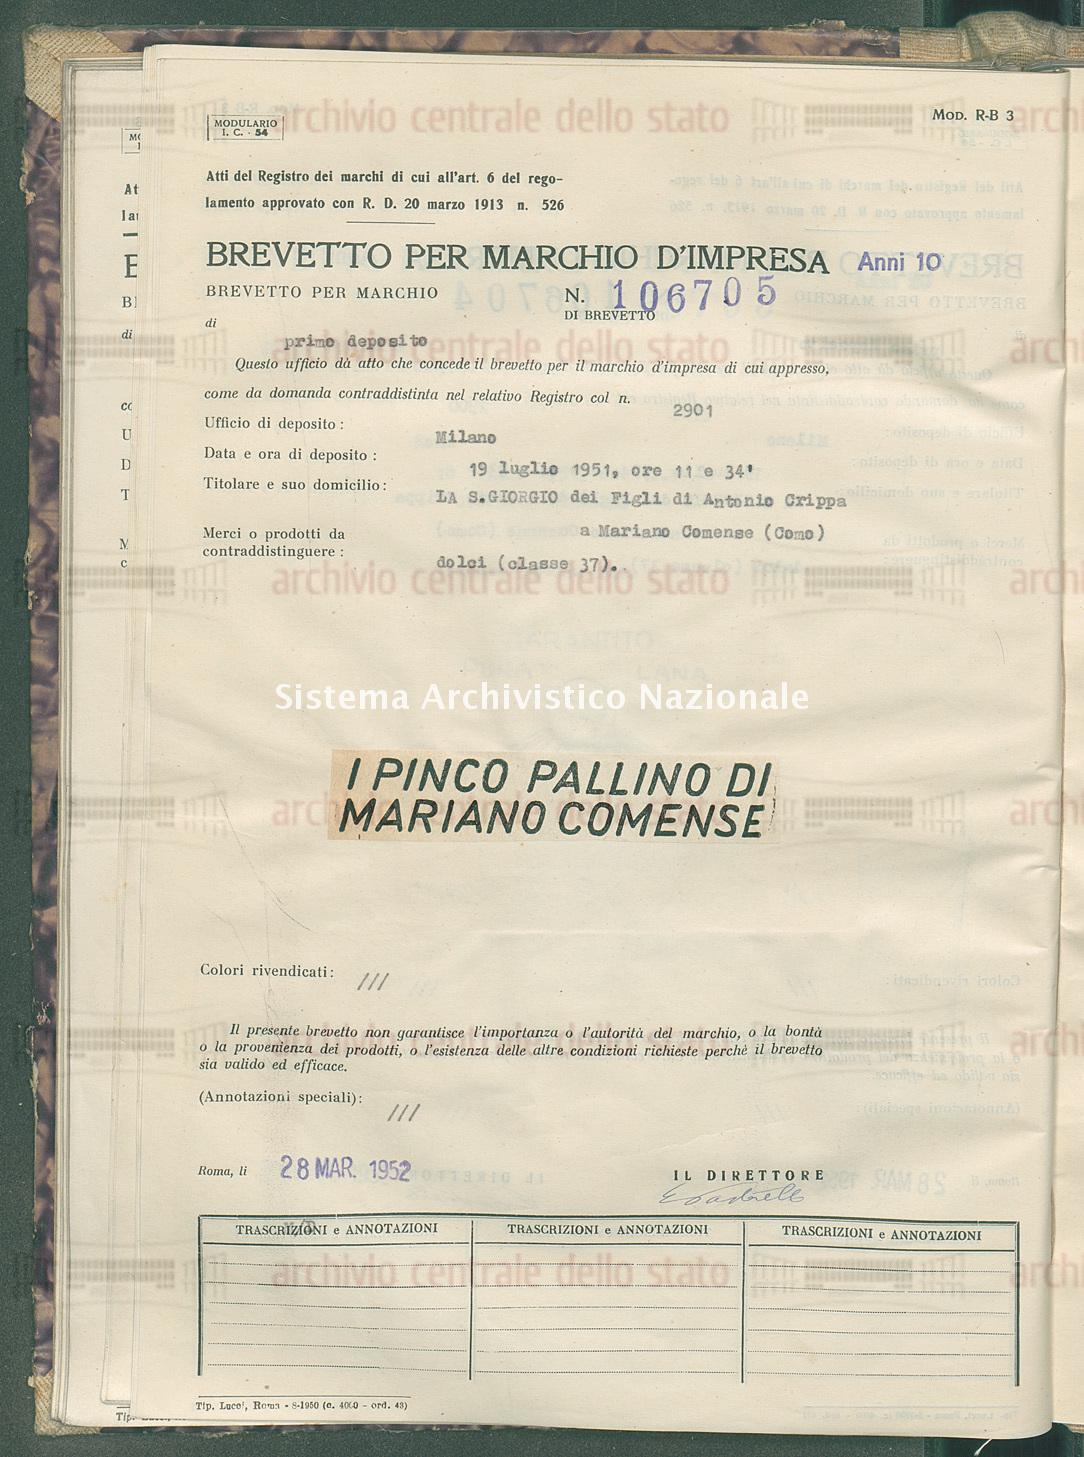 Dolci La S. Giorgio Dei Figli Di Antonio Crippa (28/03/1952)